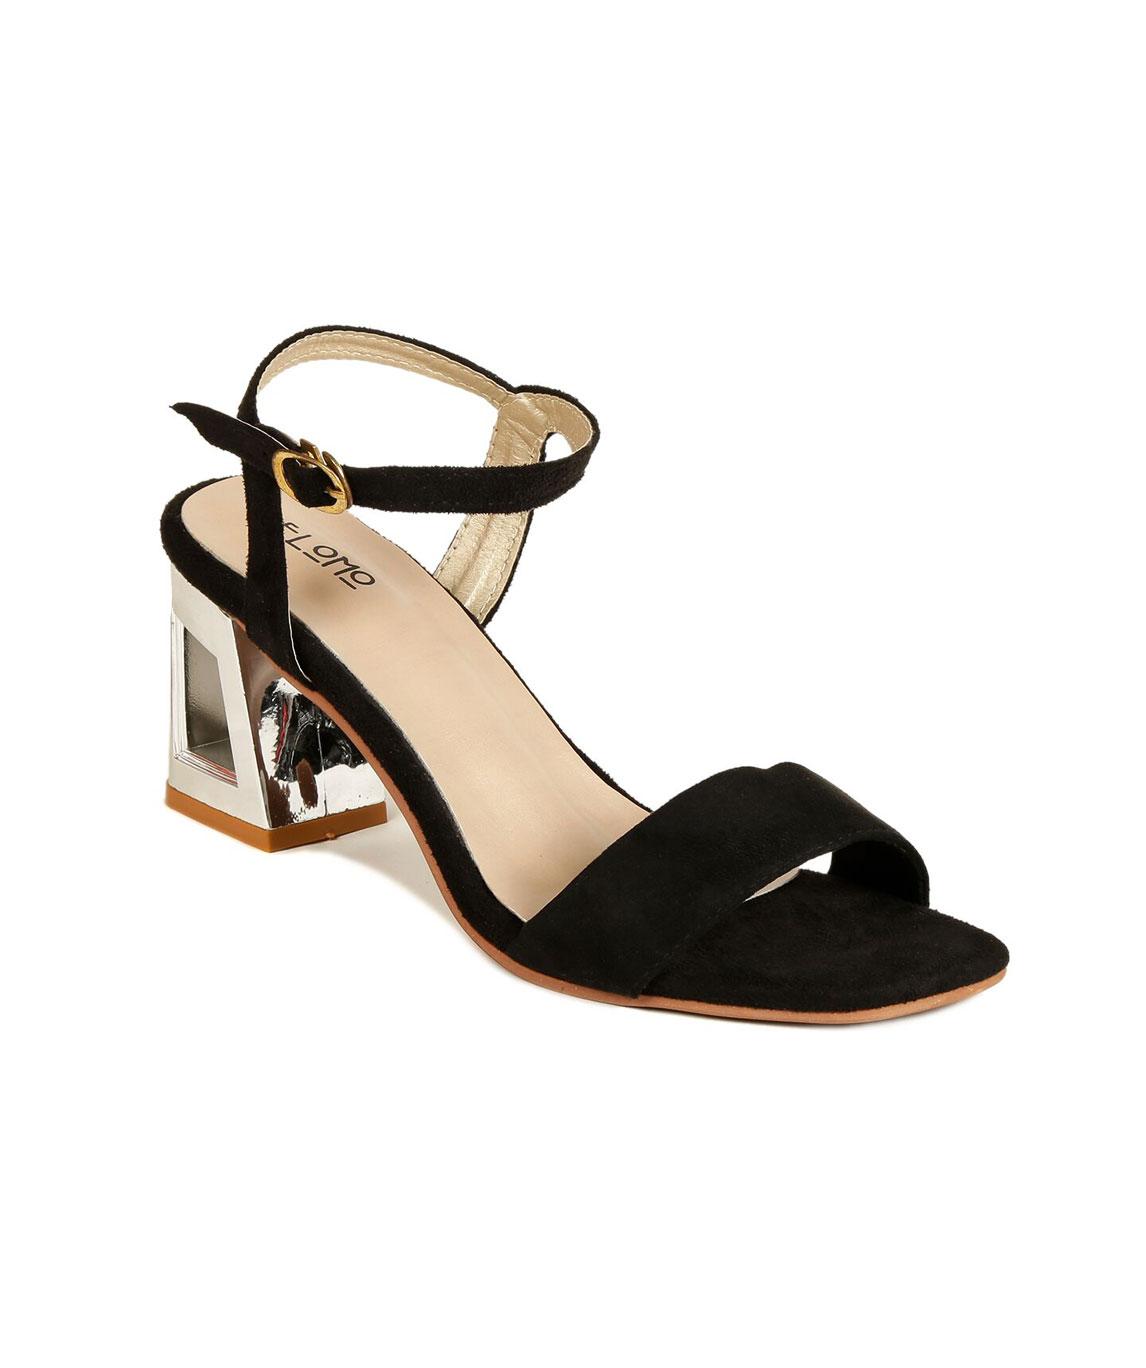 Flomo Women`s Black Resin Party Block Heels